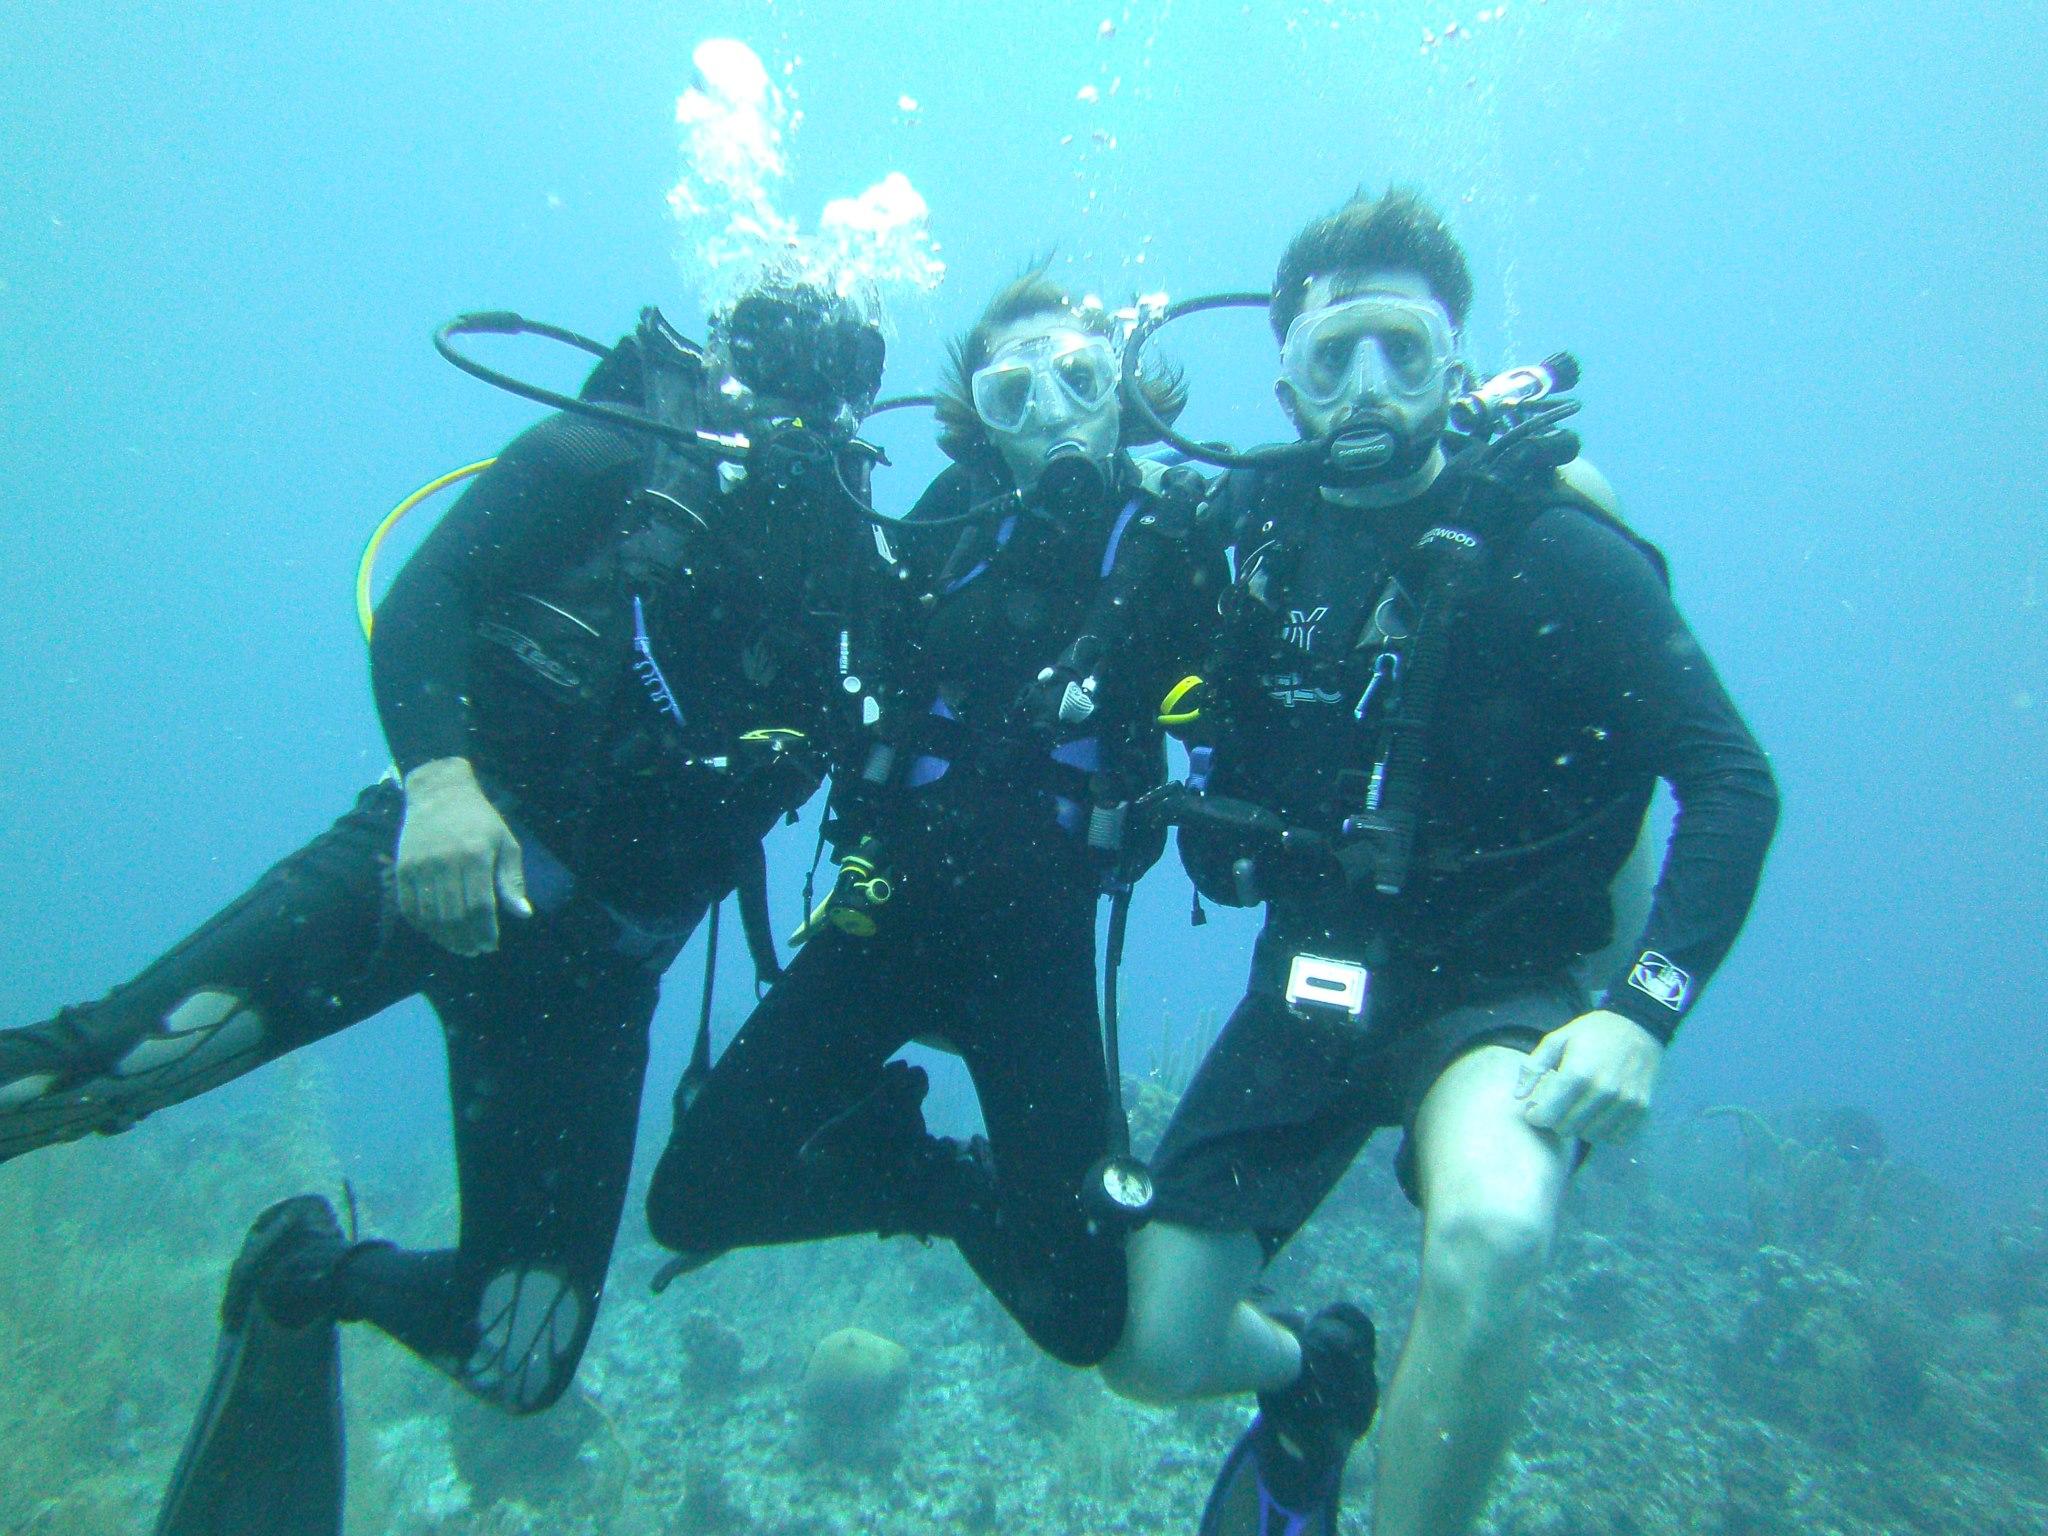 To Scuba Dive